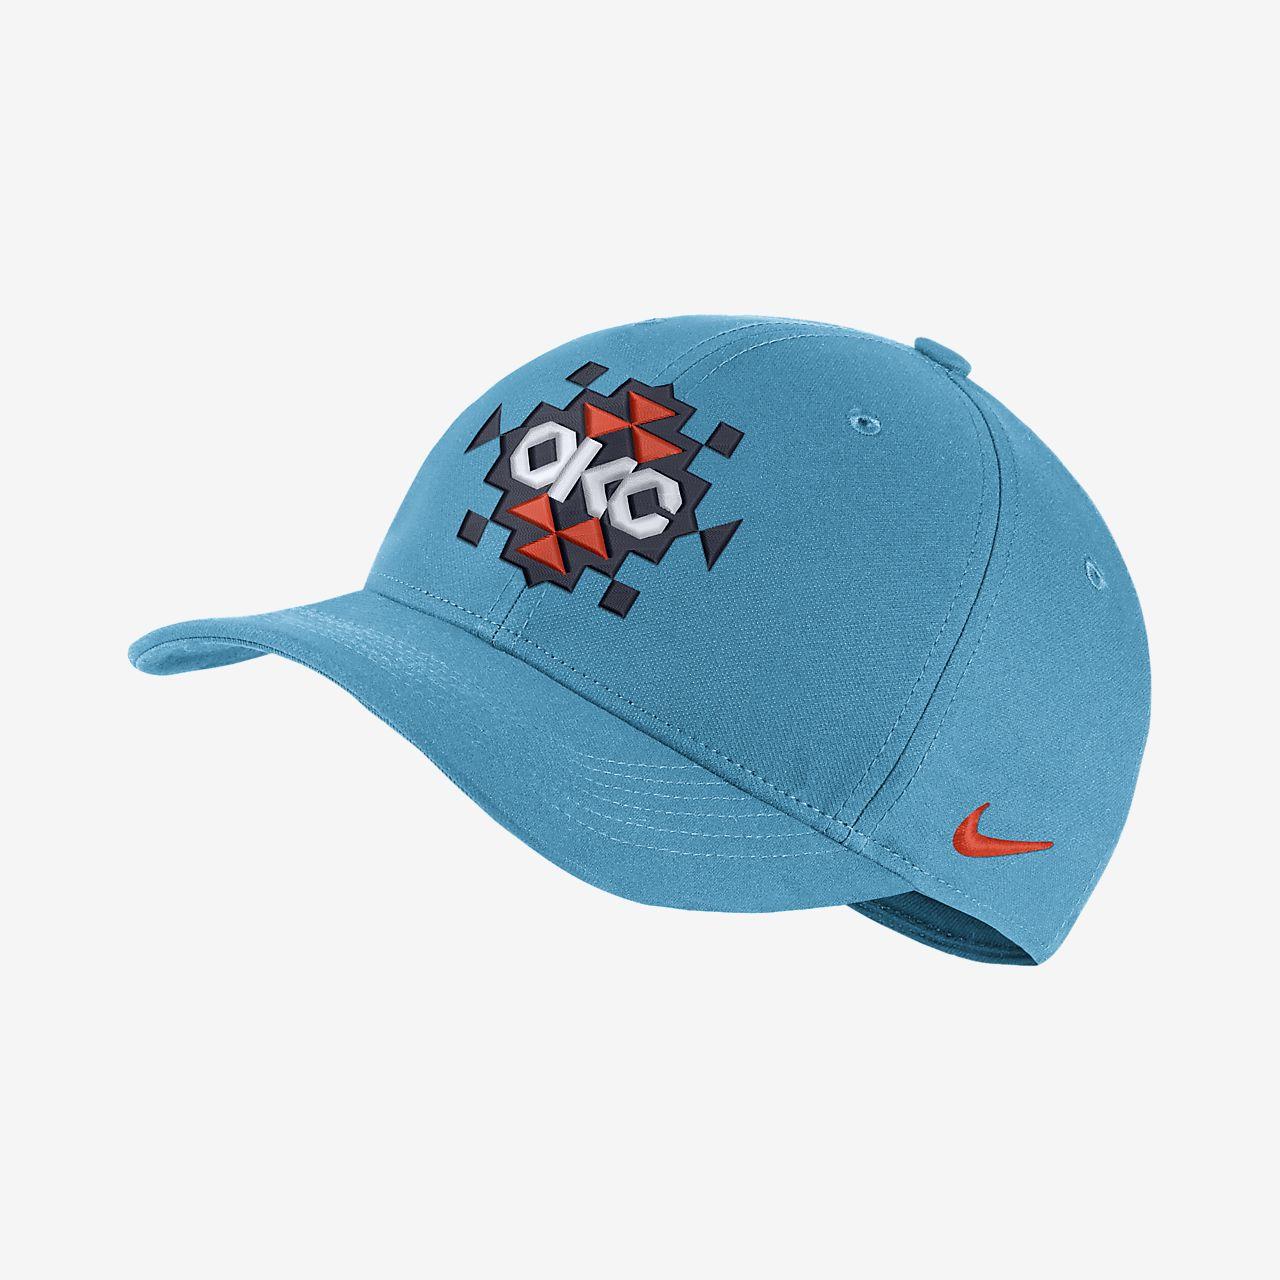 Oklahoma City Thunder City Edition Nike AeroBill Classic99 NBA Hat